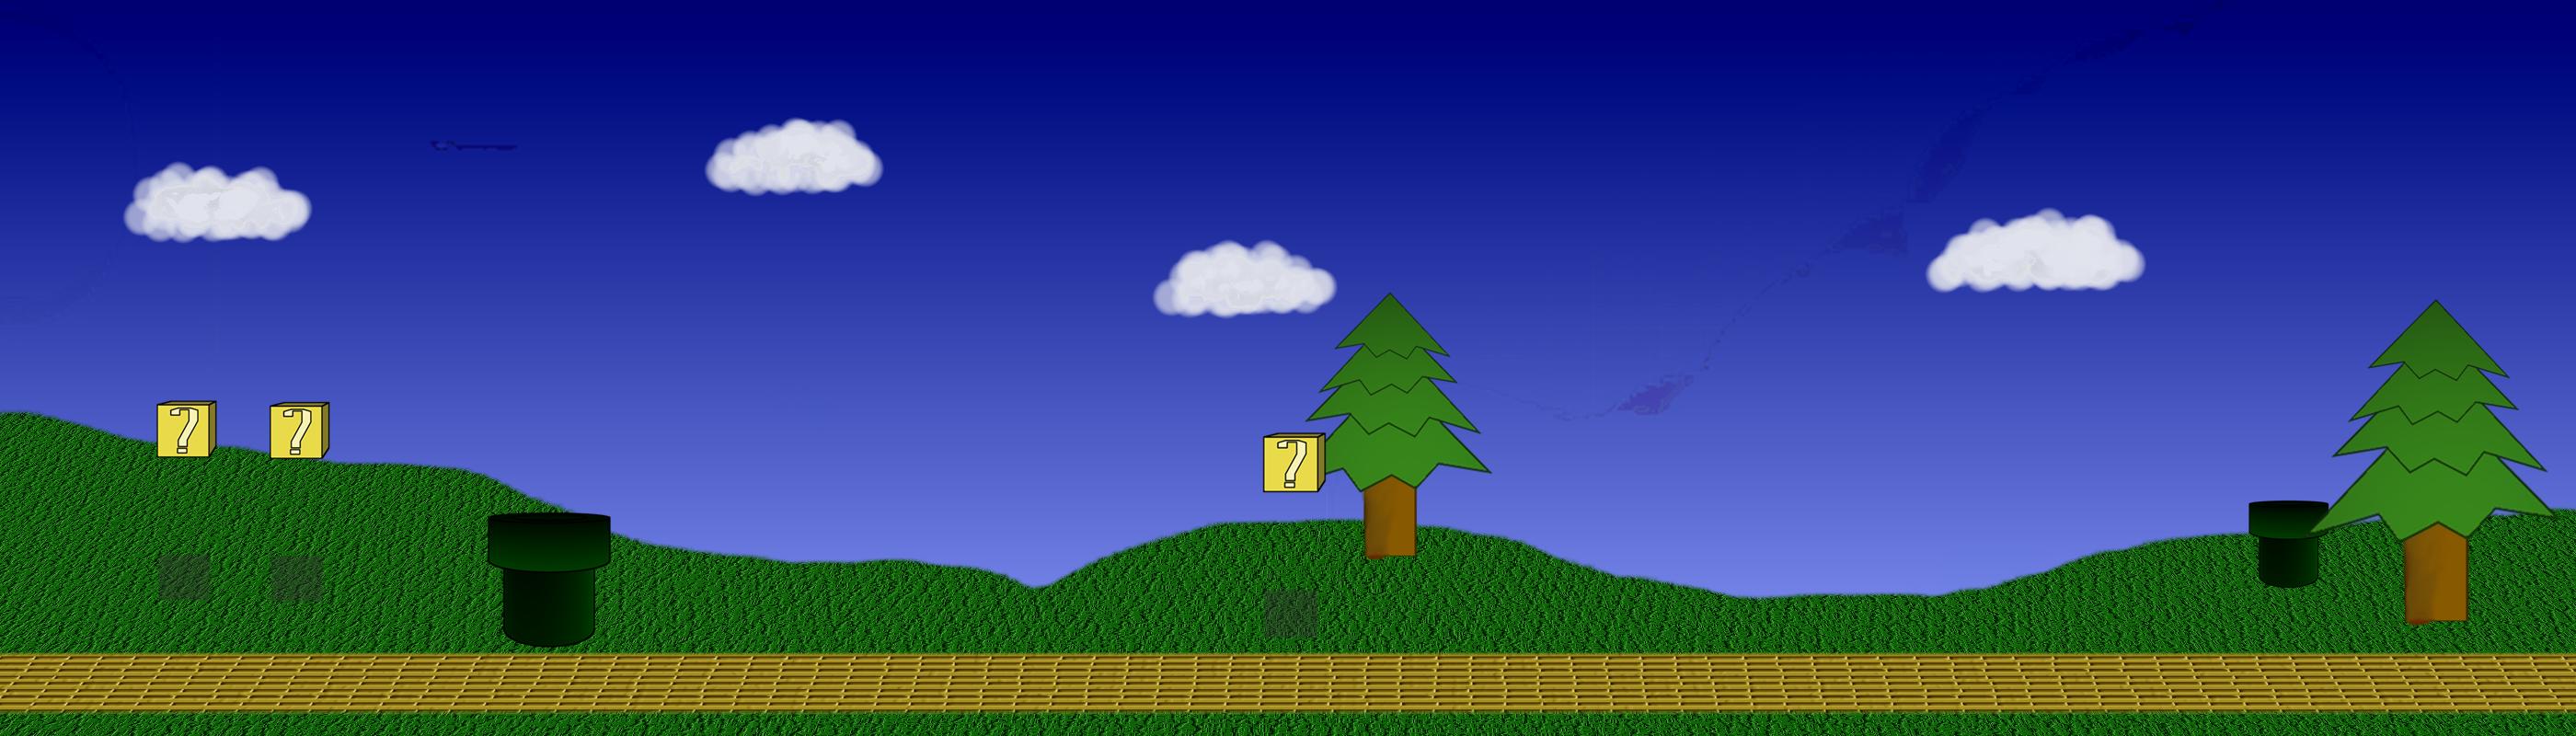 Mushroom Kingdom 01